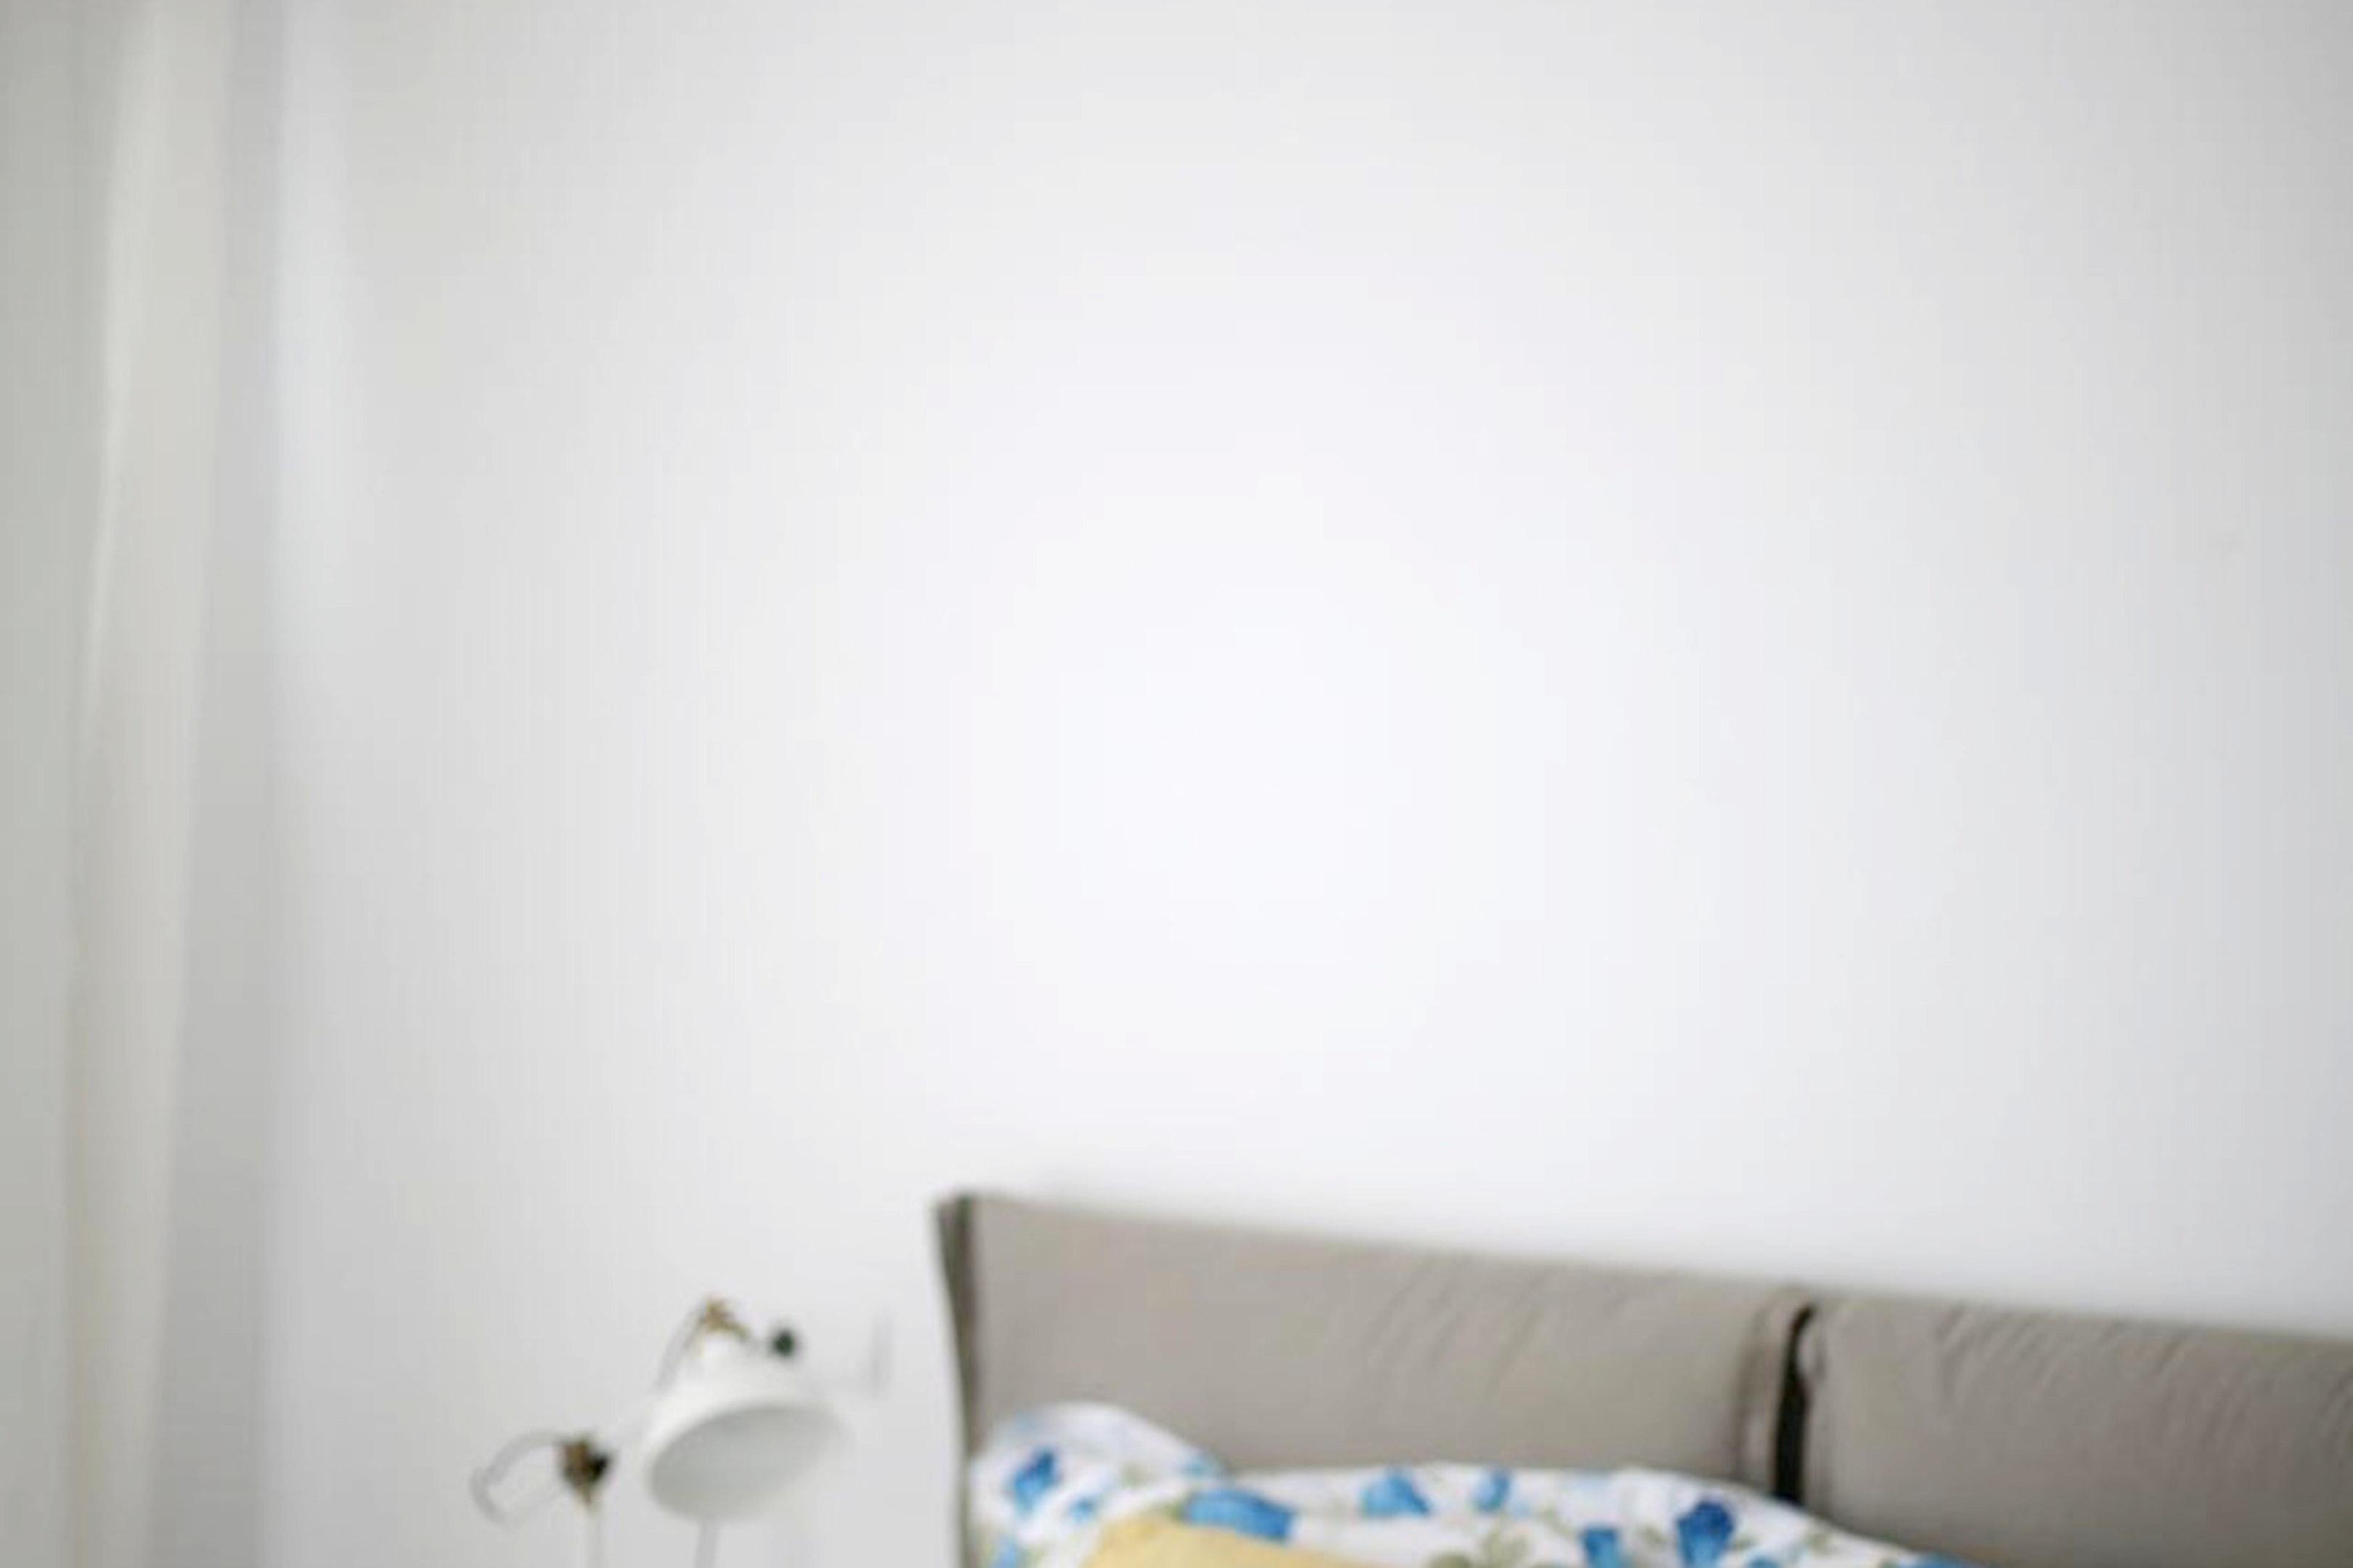 Maison de vacances Haus mit 4 Schlafzimmern in Sant Francesc Xavier mit Terrasse und W-LAN (2700592), San Francisco Javier, Formentera, Iles Baléares, Espagne, image 35